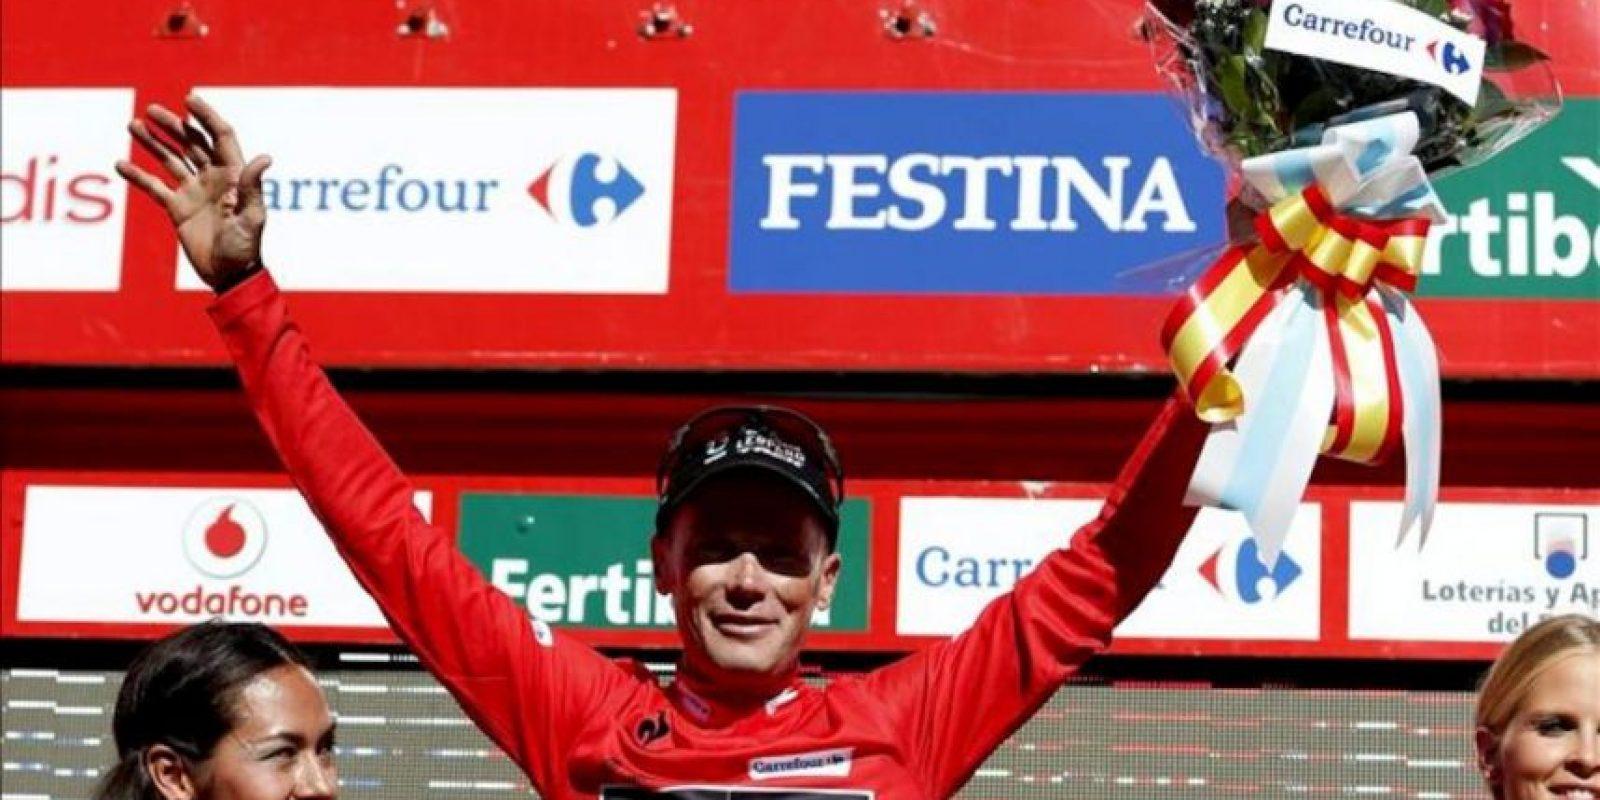 El ciclista estadounidense Christopher Horner, del equipo Radioshack, en el podio con el maillot rojo de líder tras vencer la tercera etapa de la Vuelta Ciclista a España que ha transcurrido entre Vigo y en el alto del Mirador de Lobeira, Vilagarcía de Arousa, con un recorrido de 184 kilómetros. EFE